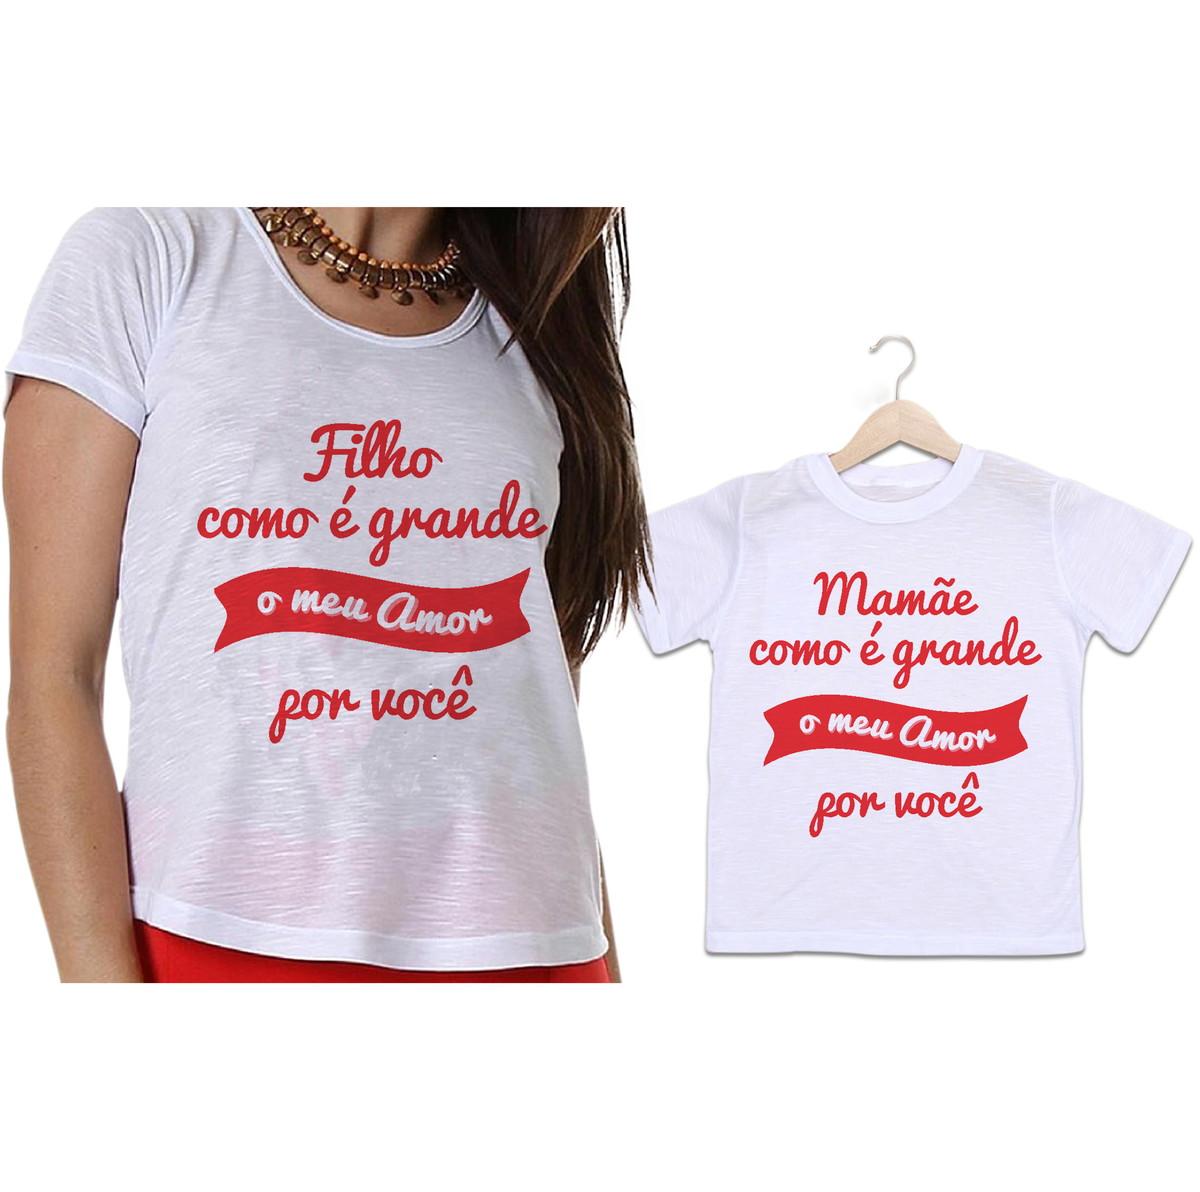 9ce77f09b03a Camisetas Mãe e Filho Meu amor por Você no Elo7 | Empório ...